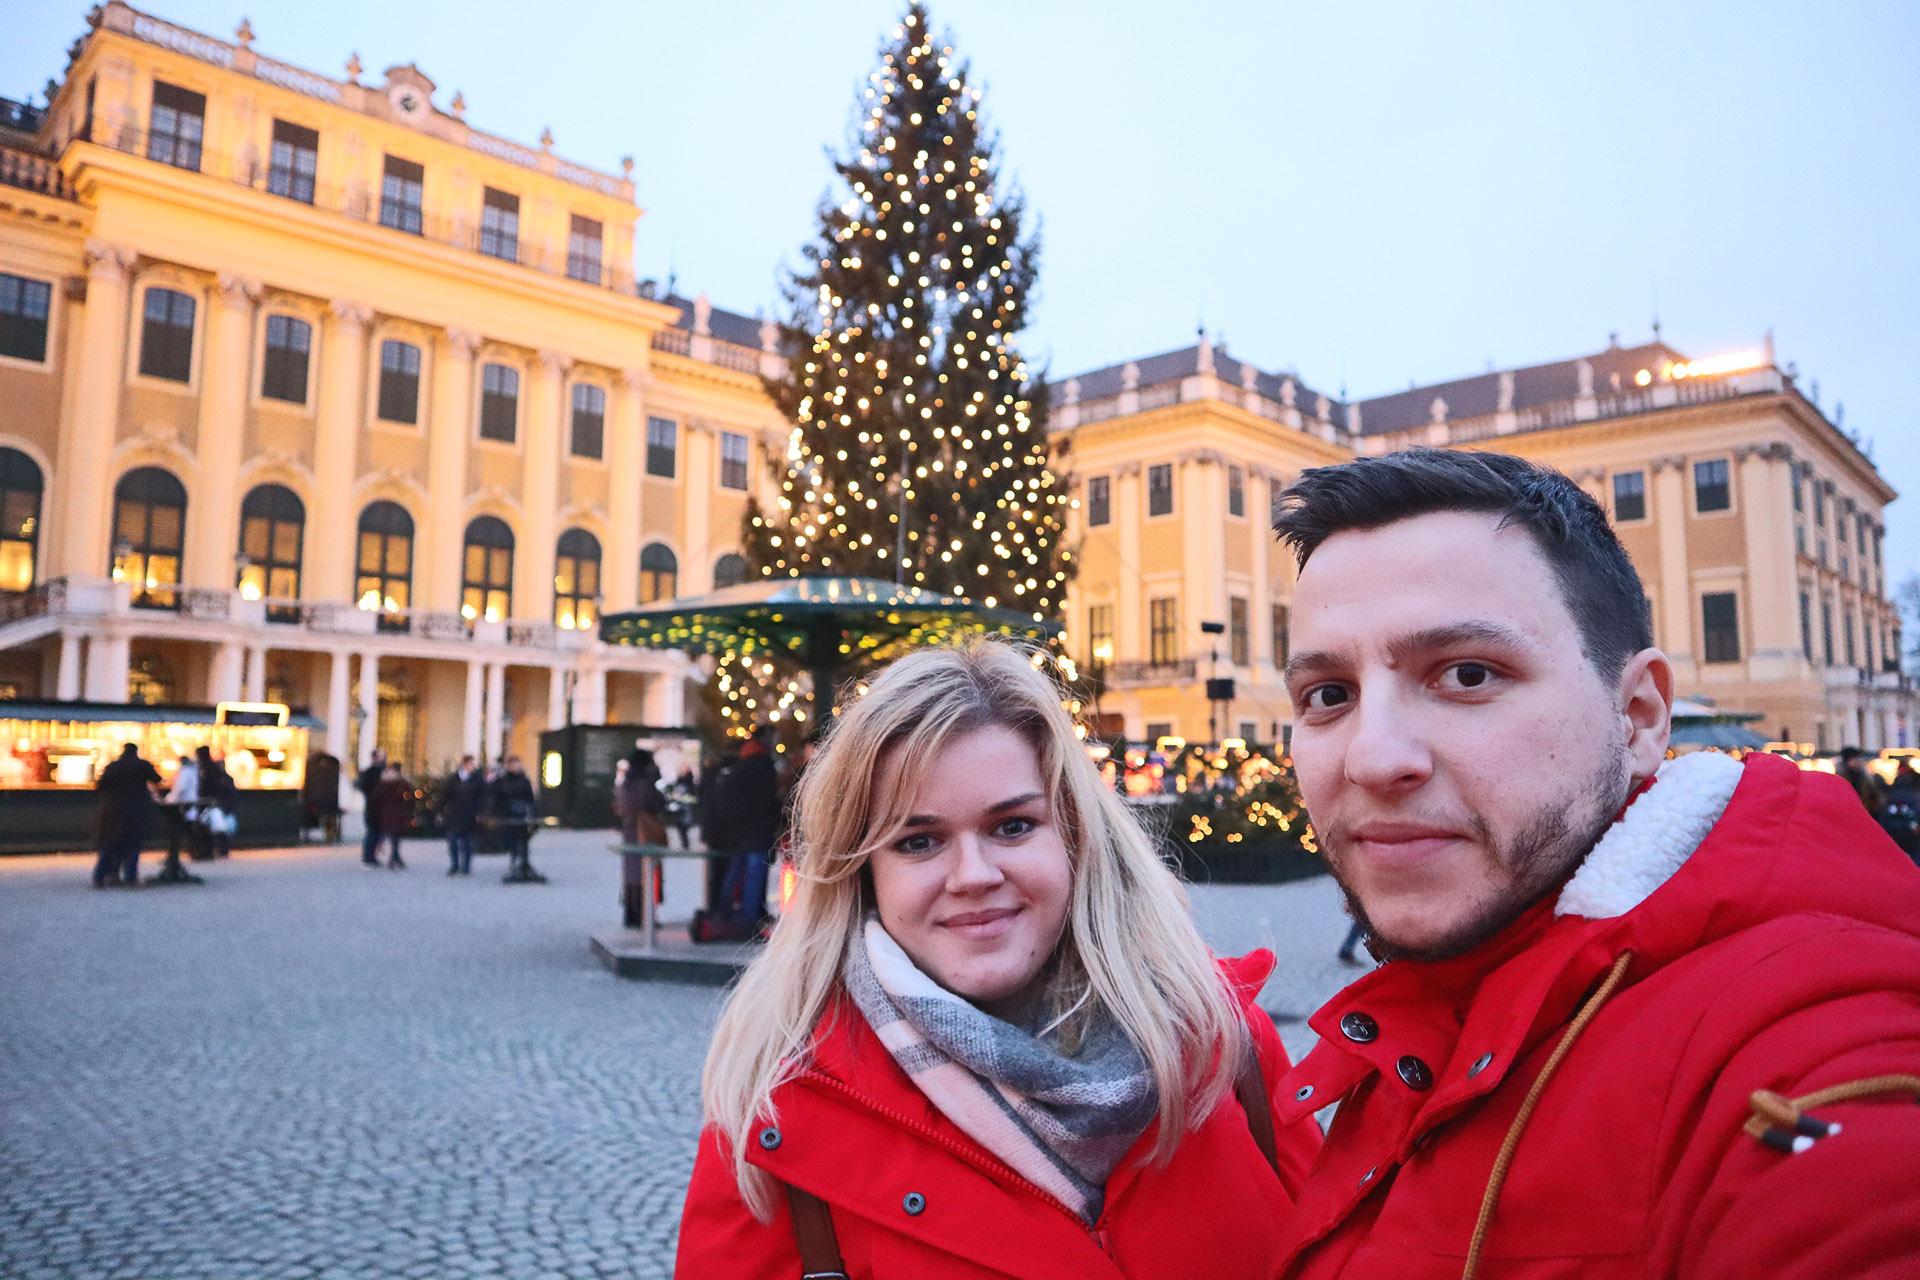 Viena și târgurile de Crăciun